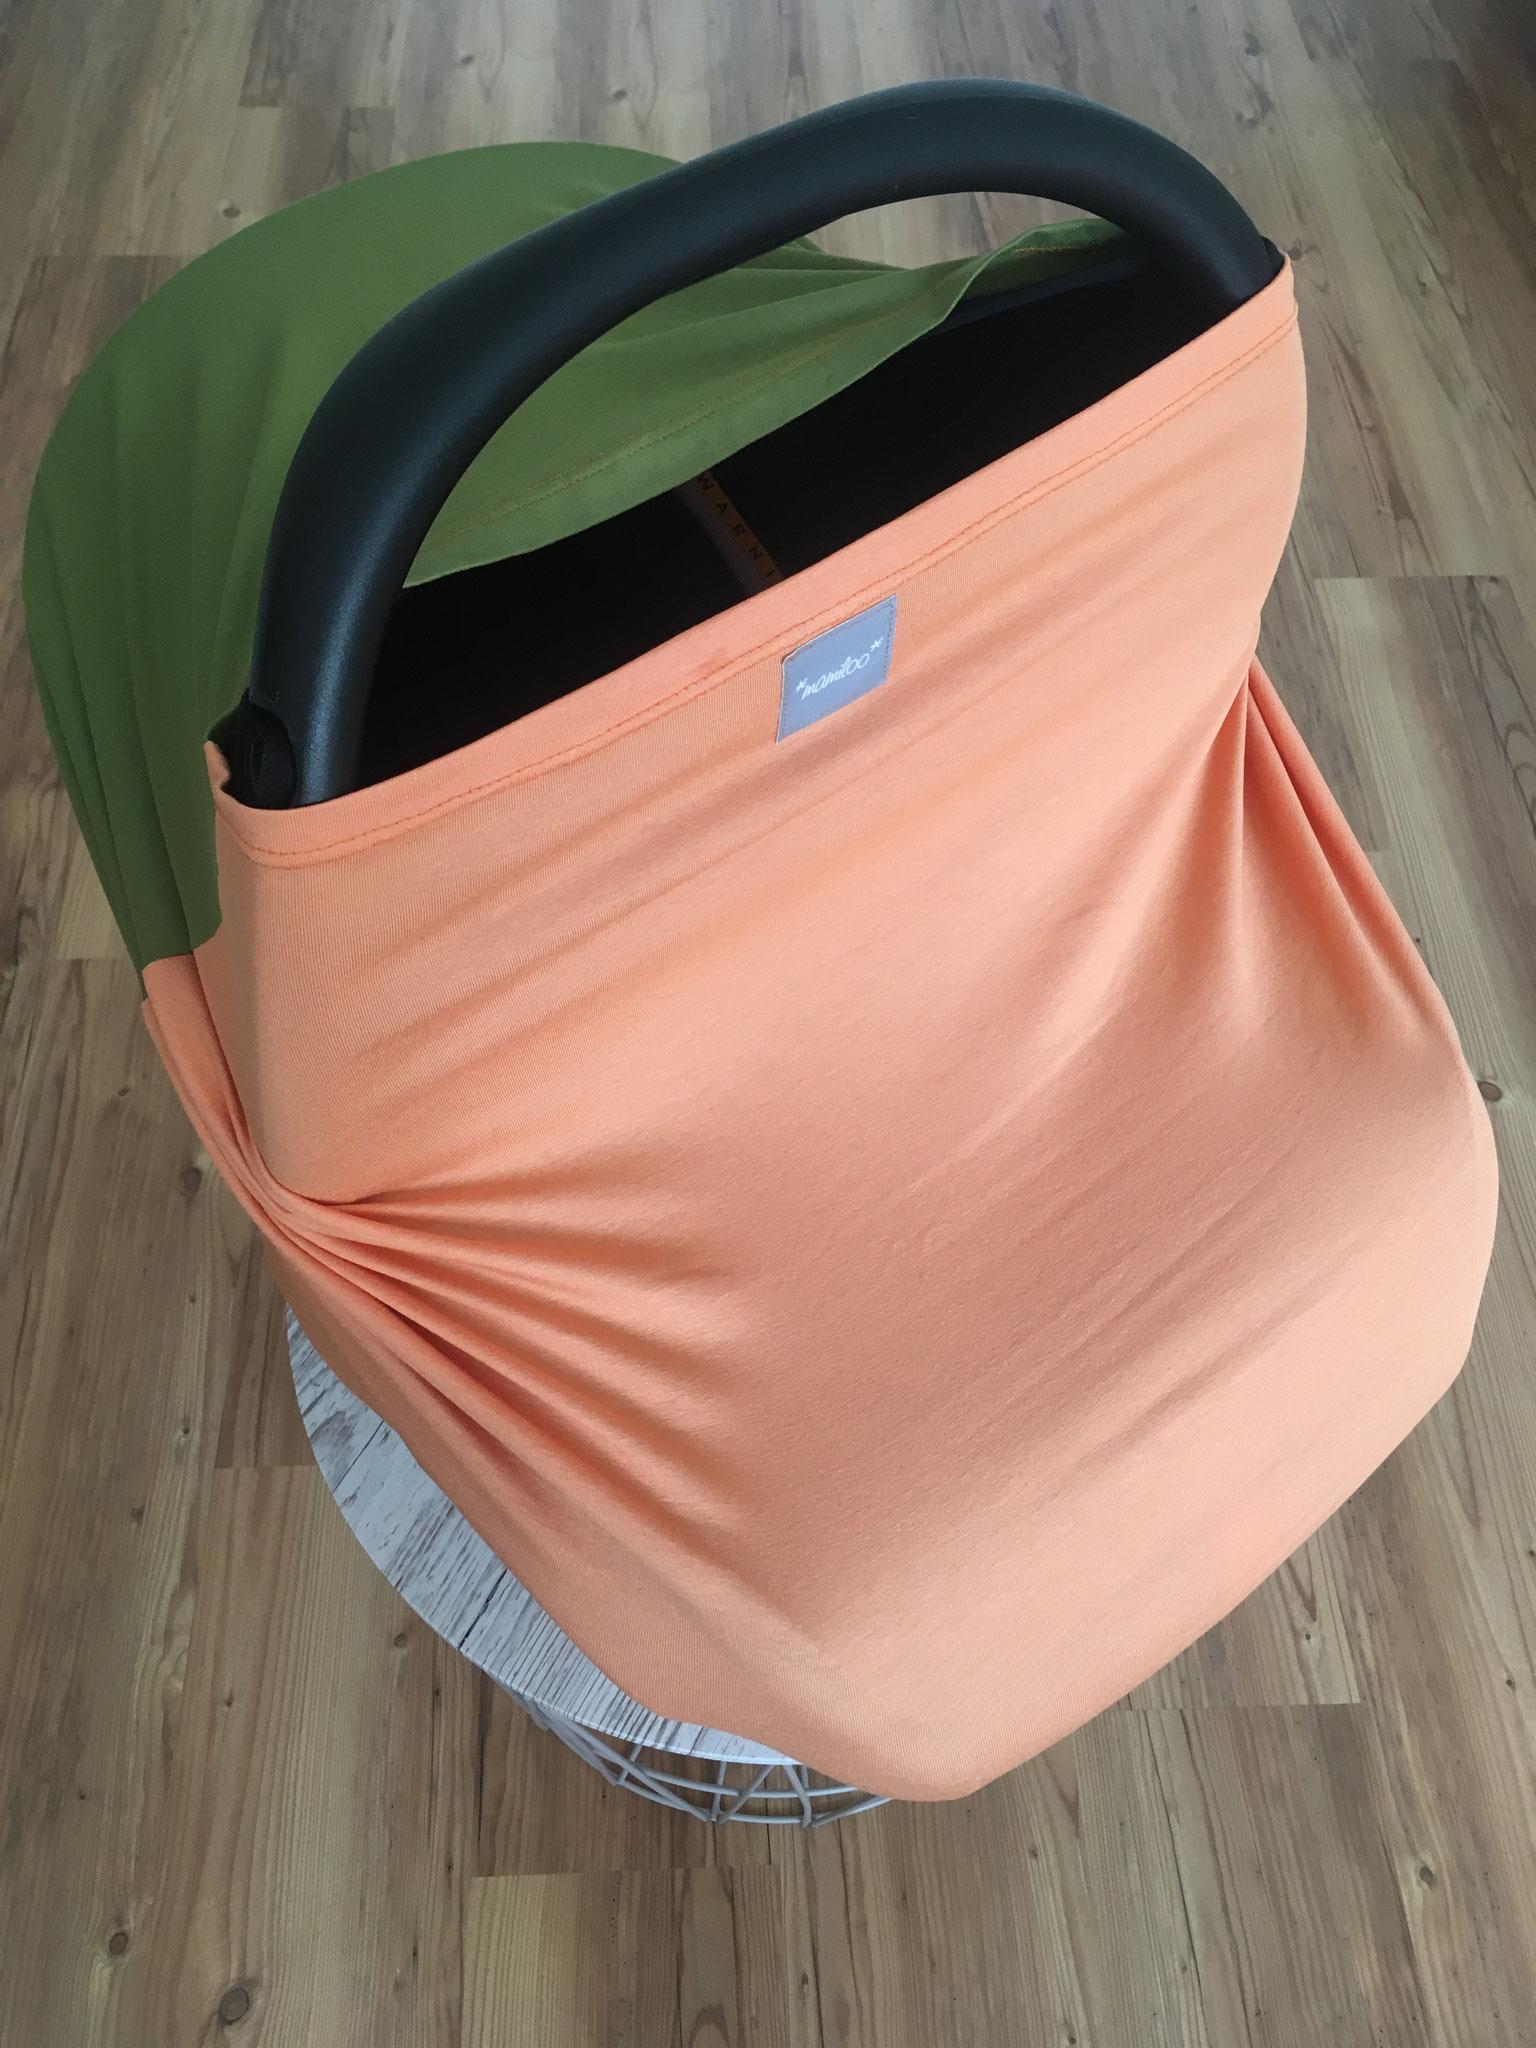 Sonderwunsch - zweifarbig / orange und grün